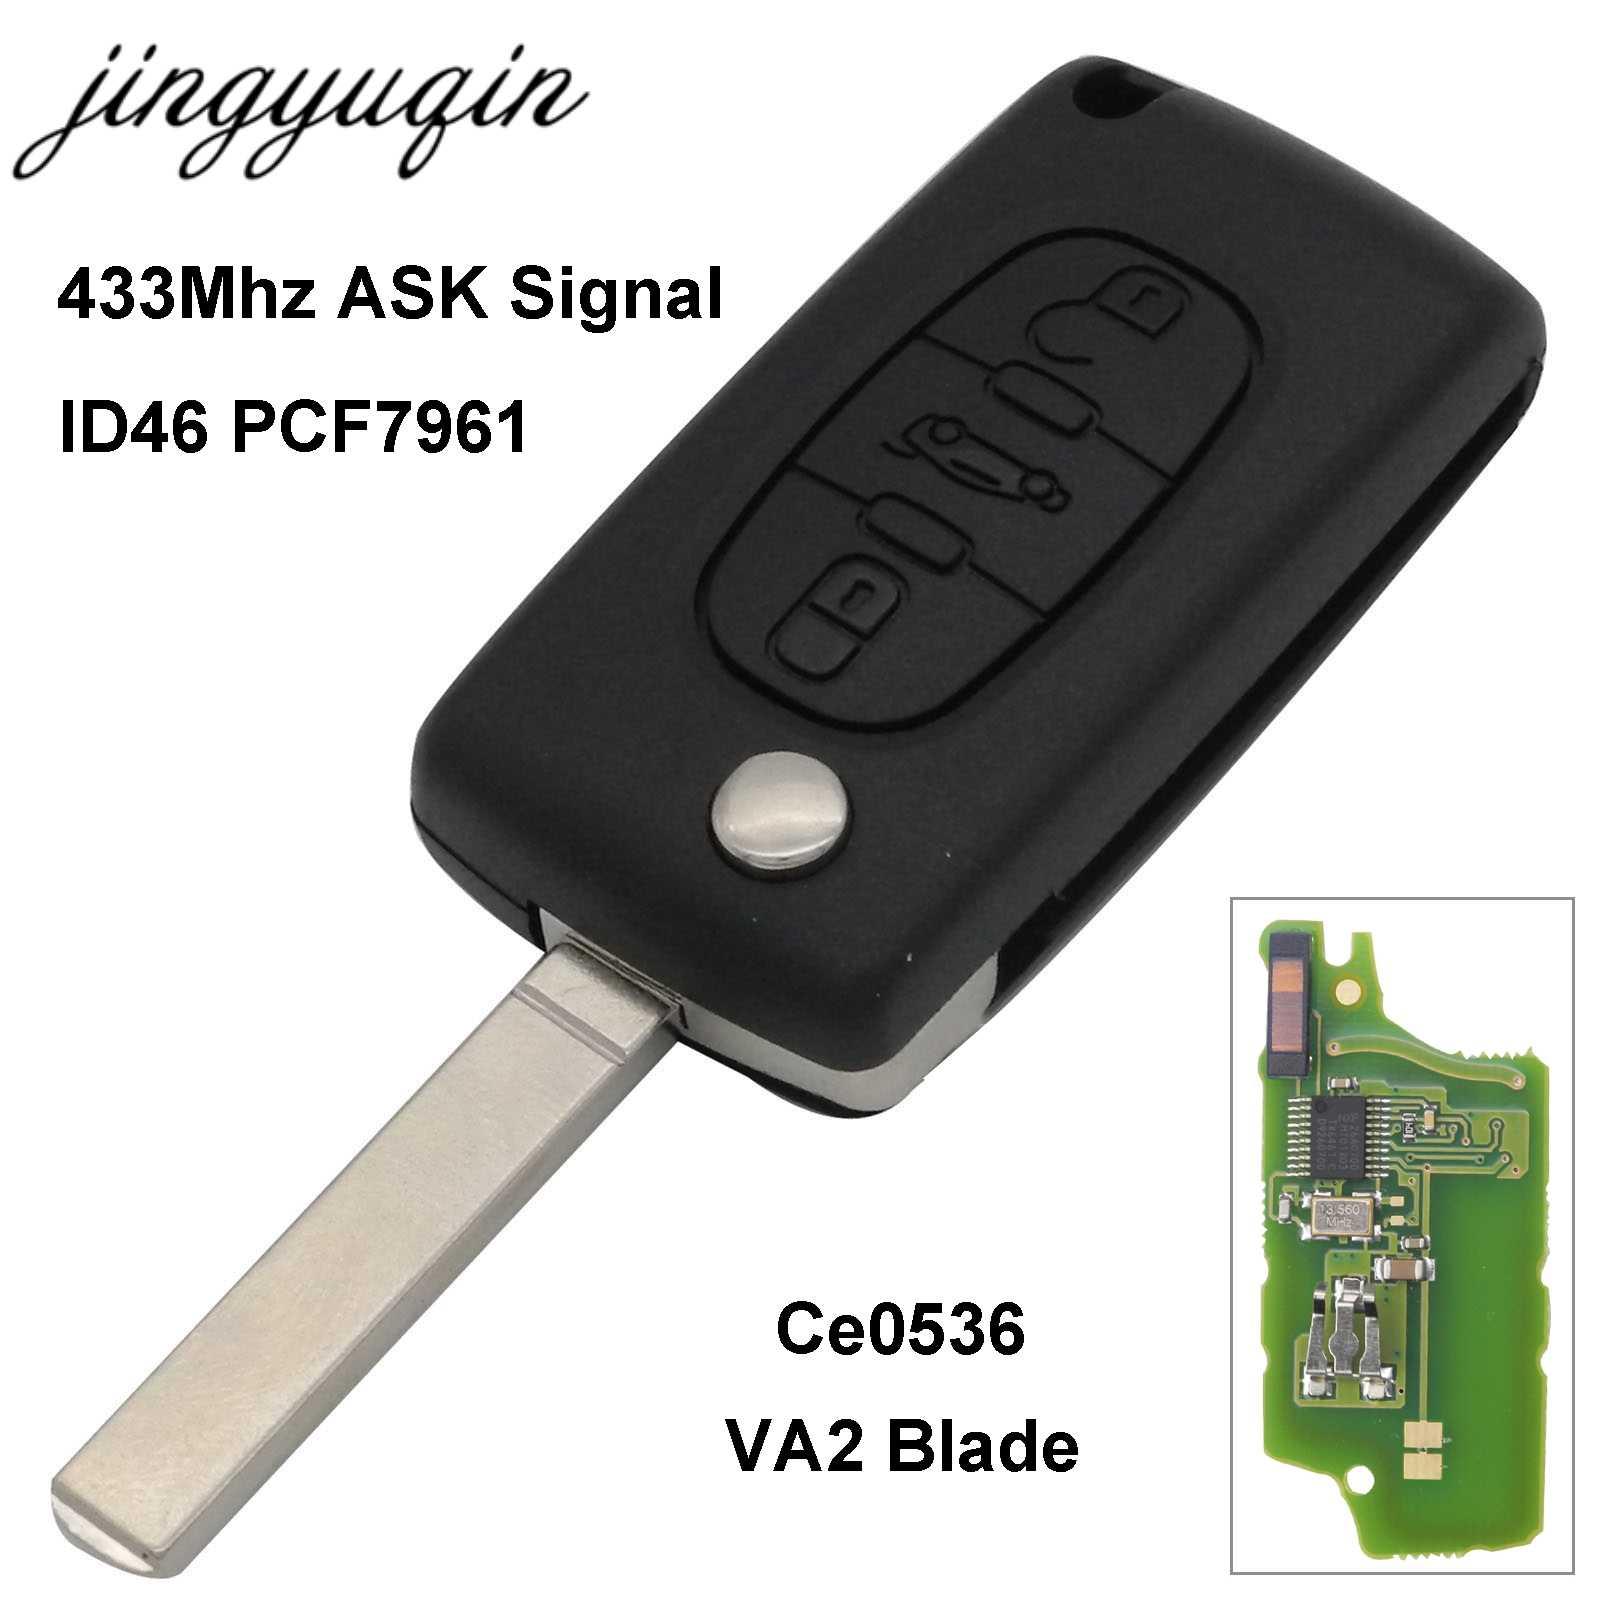 jingyuqin VA2 Cut/Uncut Blade Car Remote Key for CITROEN C2 C3 C4 C5  Berlingo Picasso 3 Buttons Flip Fob Control CE0536 ASK